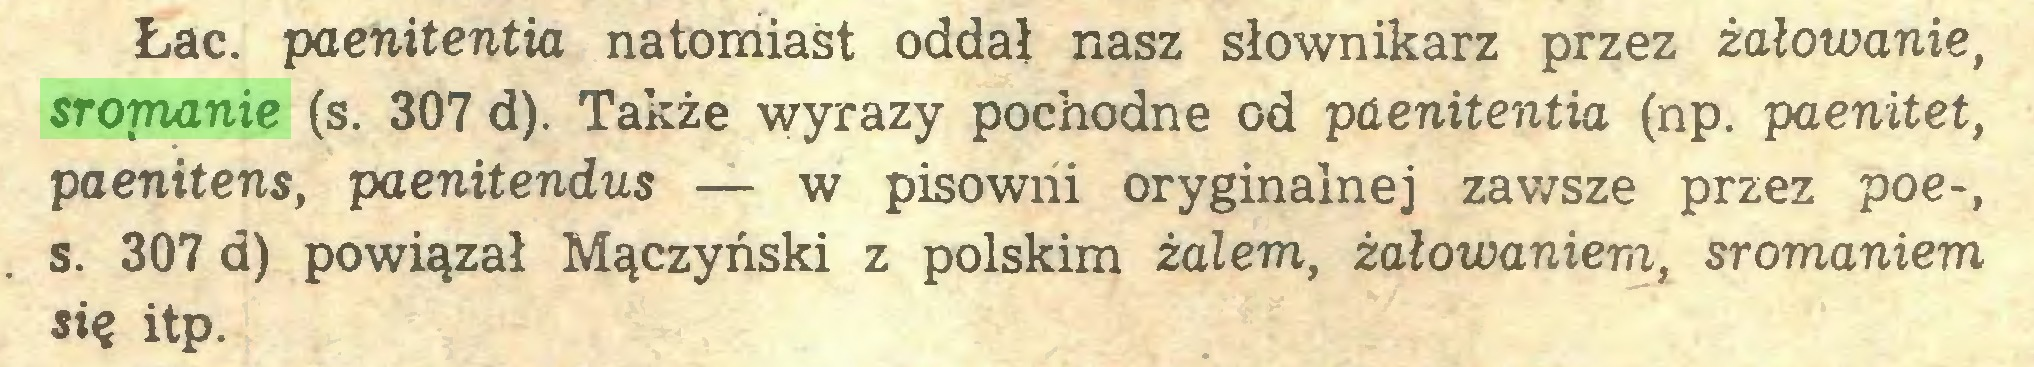 (...) Łac. paenitentia natomiast oddał nasz słownikarz przez żałowanie, sromanie (s. 307 d). Także wyrazy pochodne od paenitentia (np. paenitet, paenitens, paenitendus — w pisowni oryginalnej zawsze przez poe-, s. 307 d) powiązał Mączyński z polskim żalem, żałowaniem, sromaniem się itp...